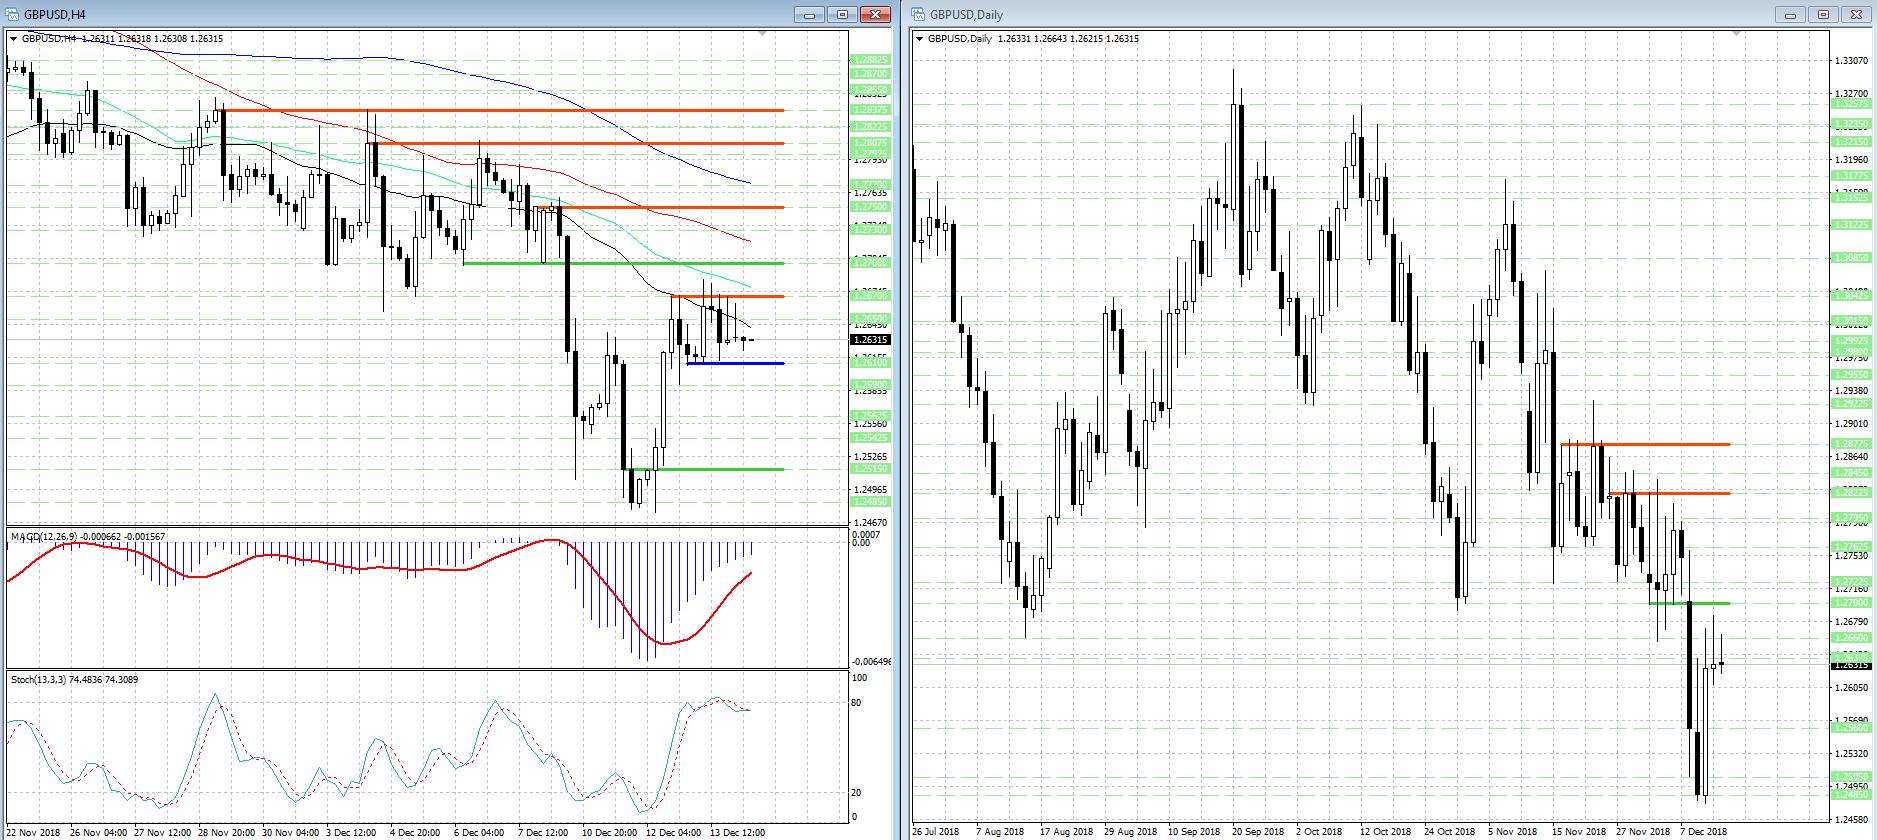 Выход из ценового диапазона 1.2610 - 1.2670 прояснит техническую картину в валютной паре GBP/USD...